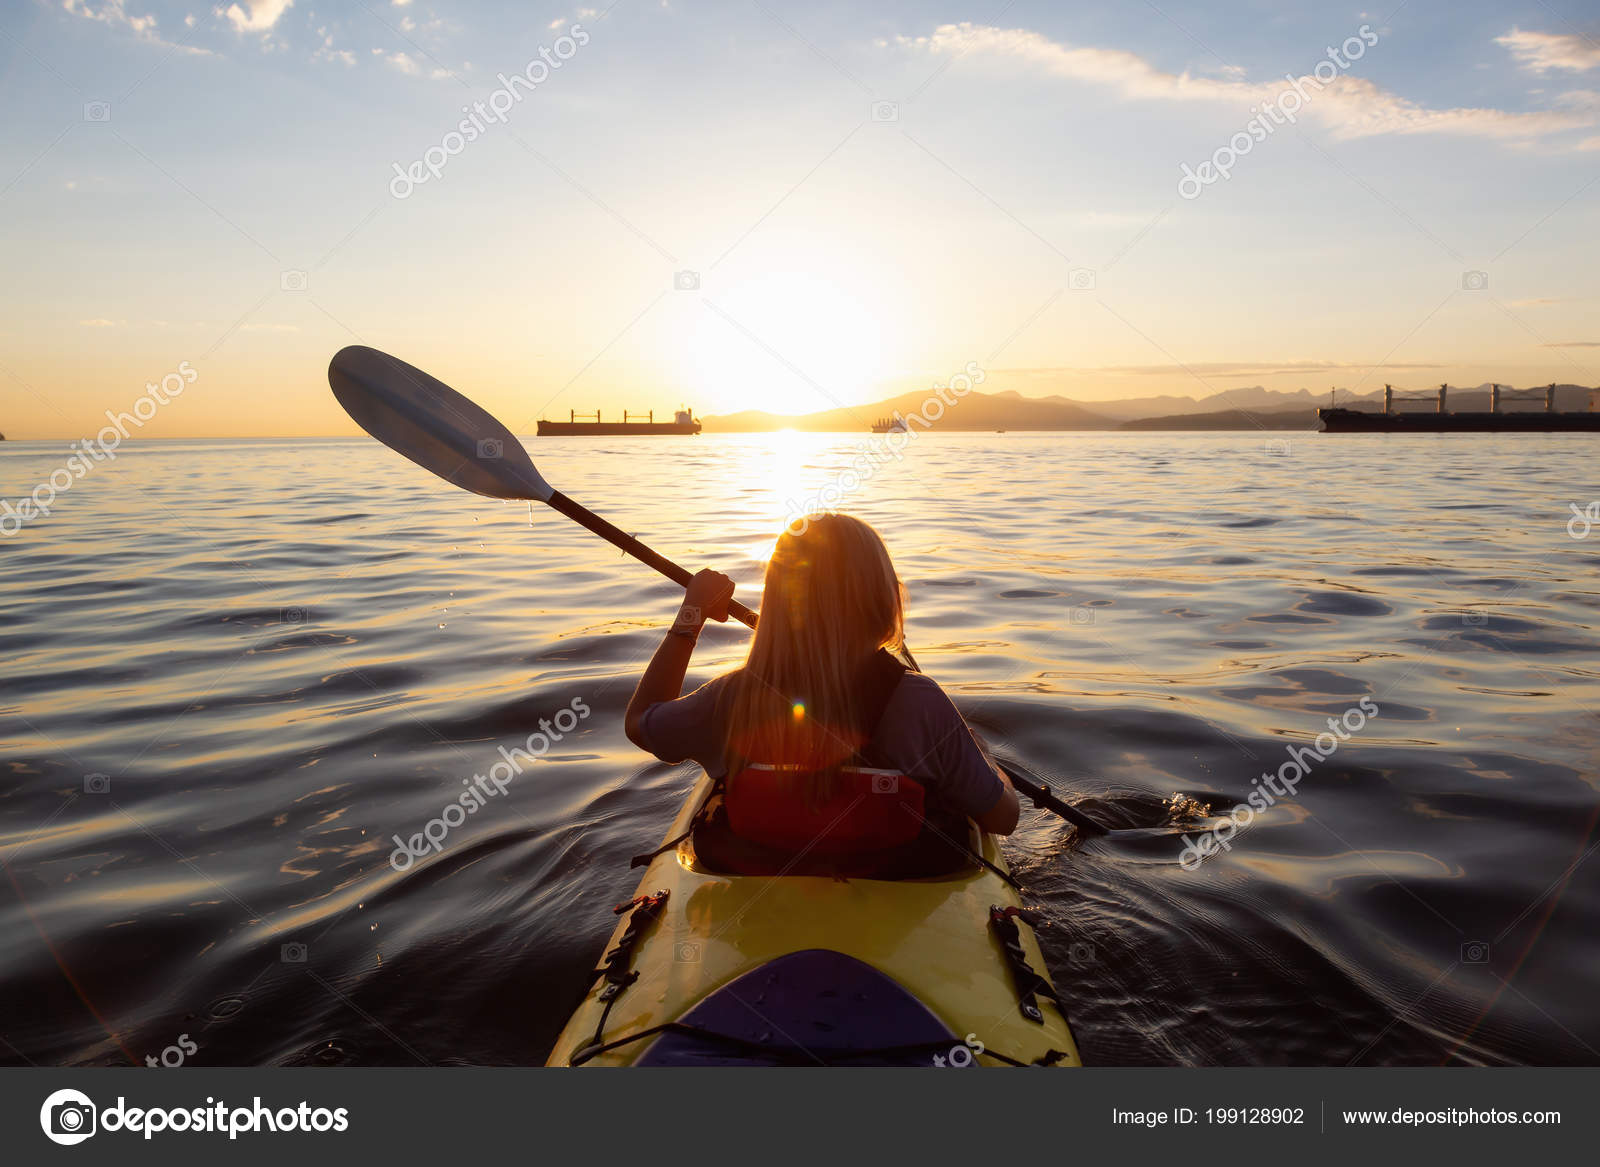 Woman Kayak Paddeling Ocean Vibrant Sunset Taken Vancouver